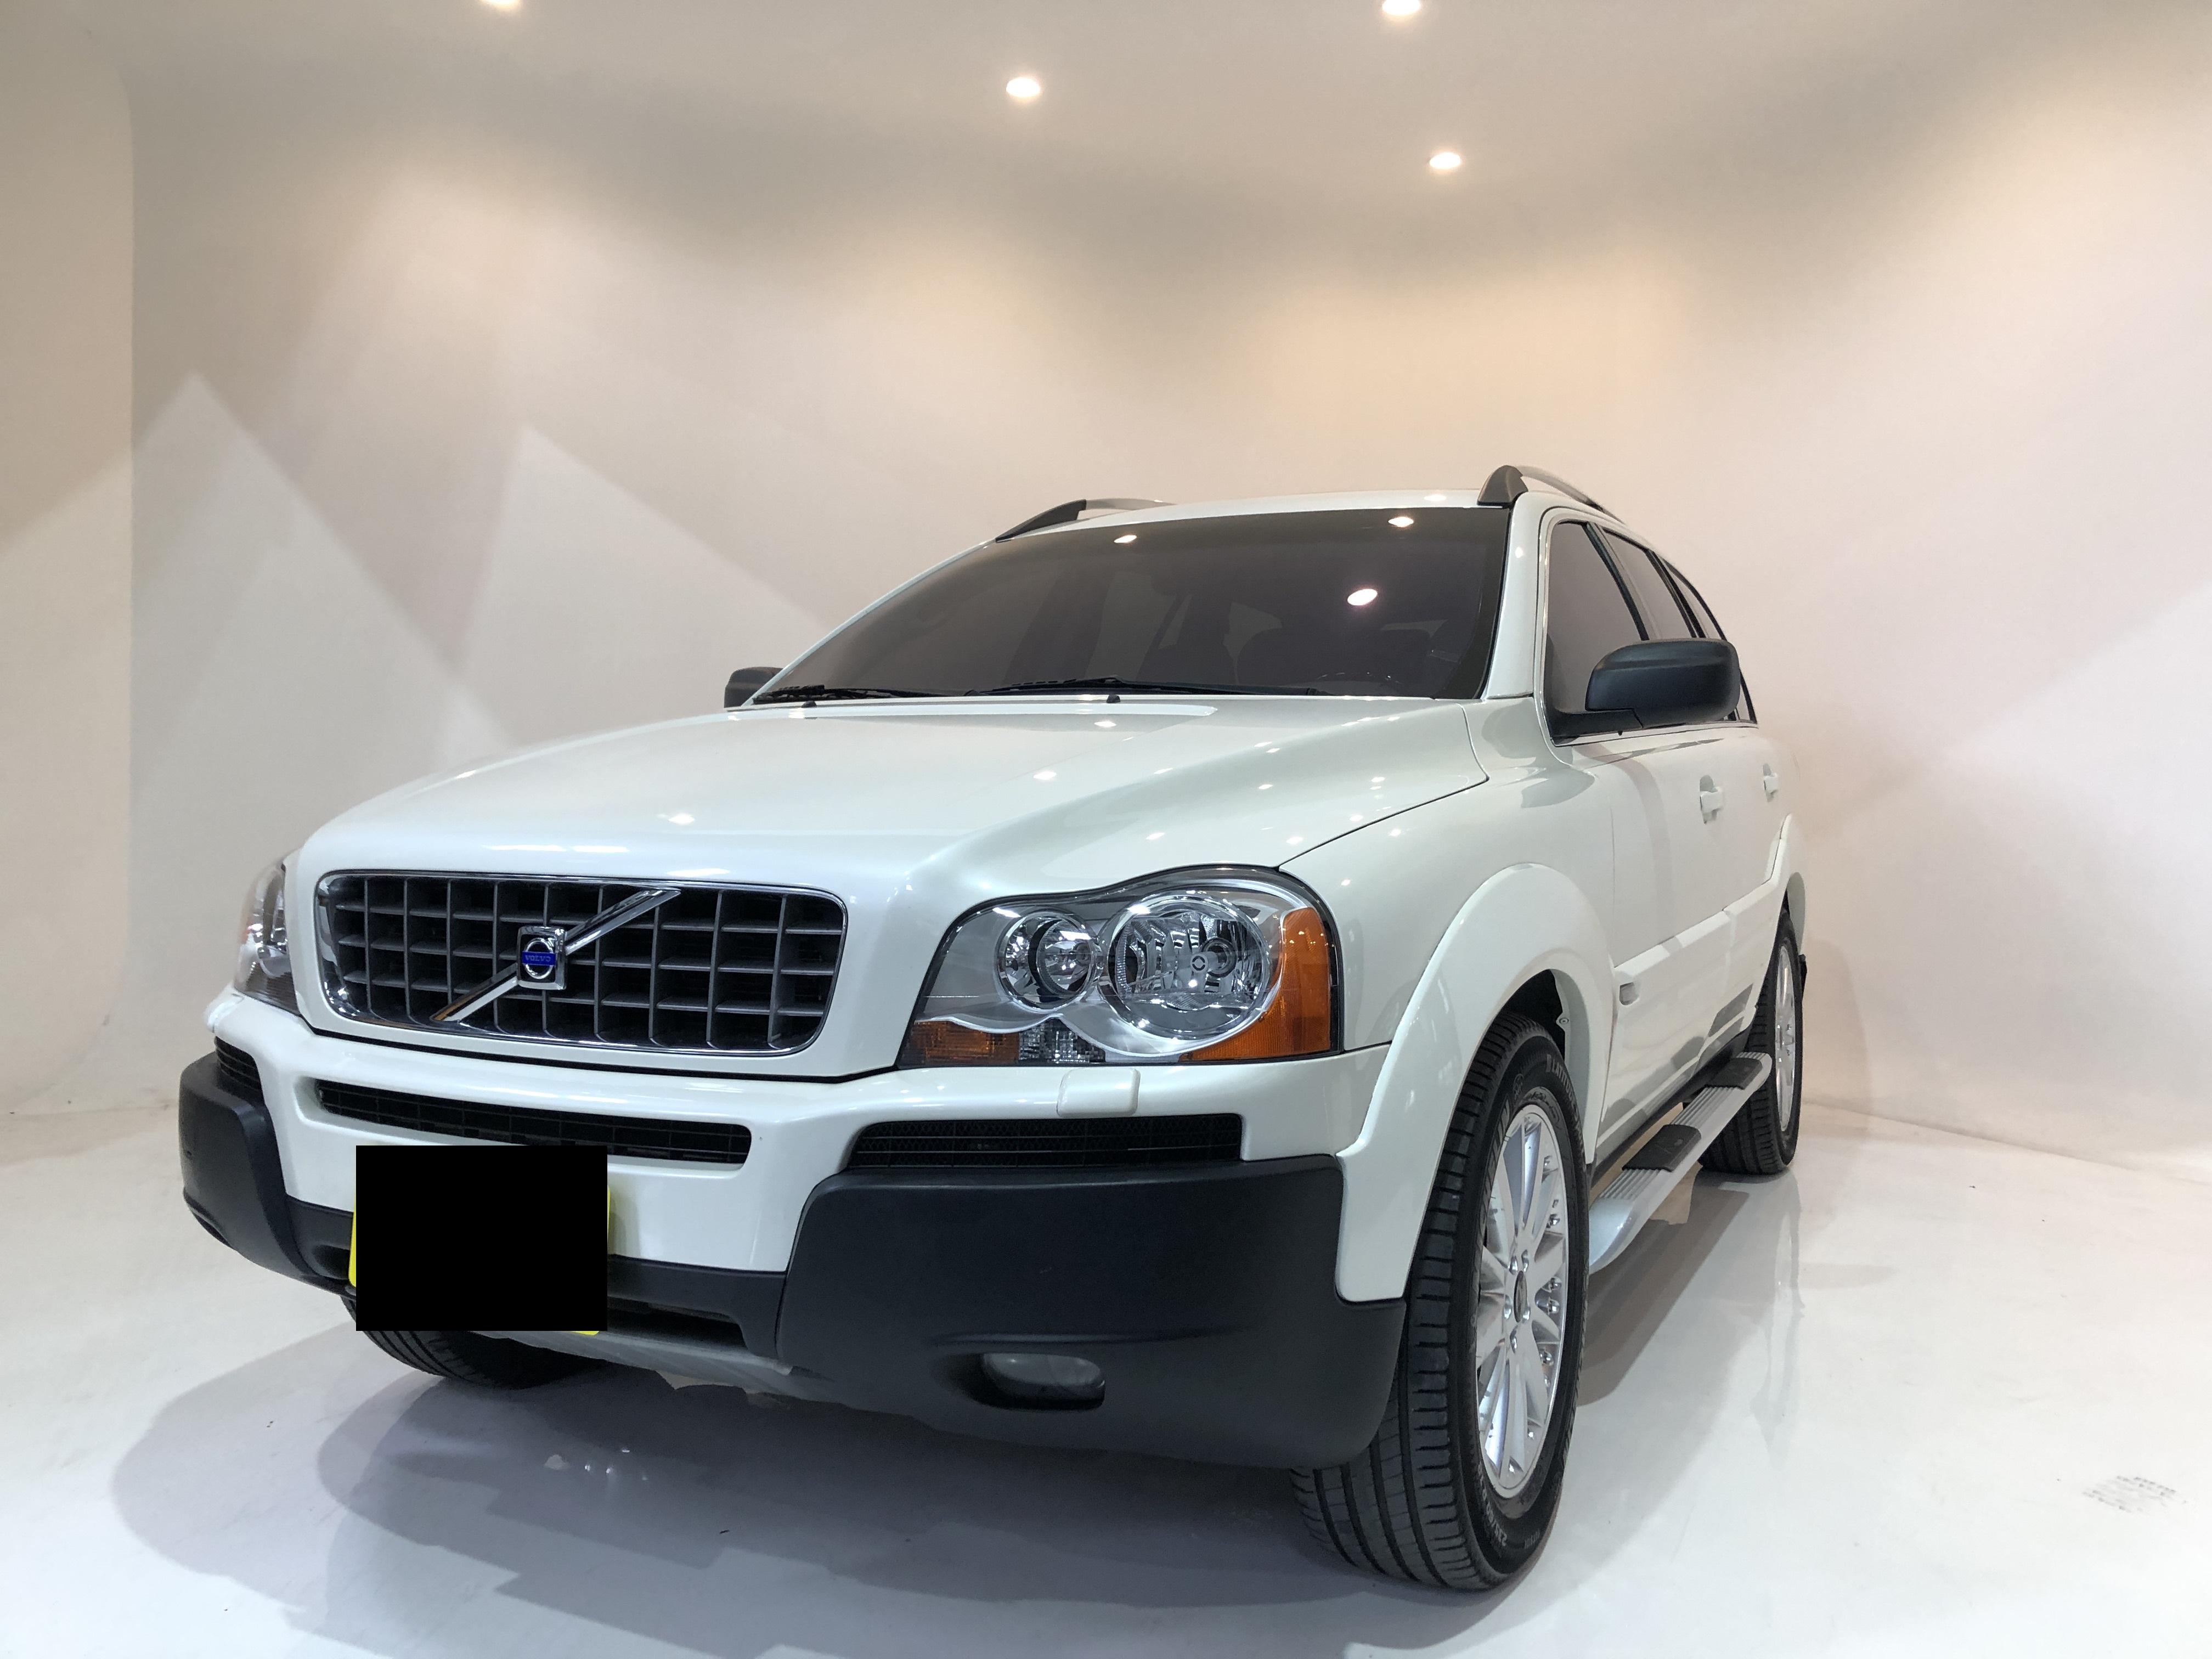 2004 Volvo 富豪 Xc90